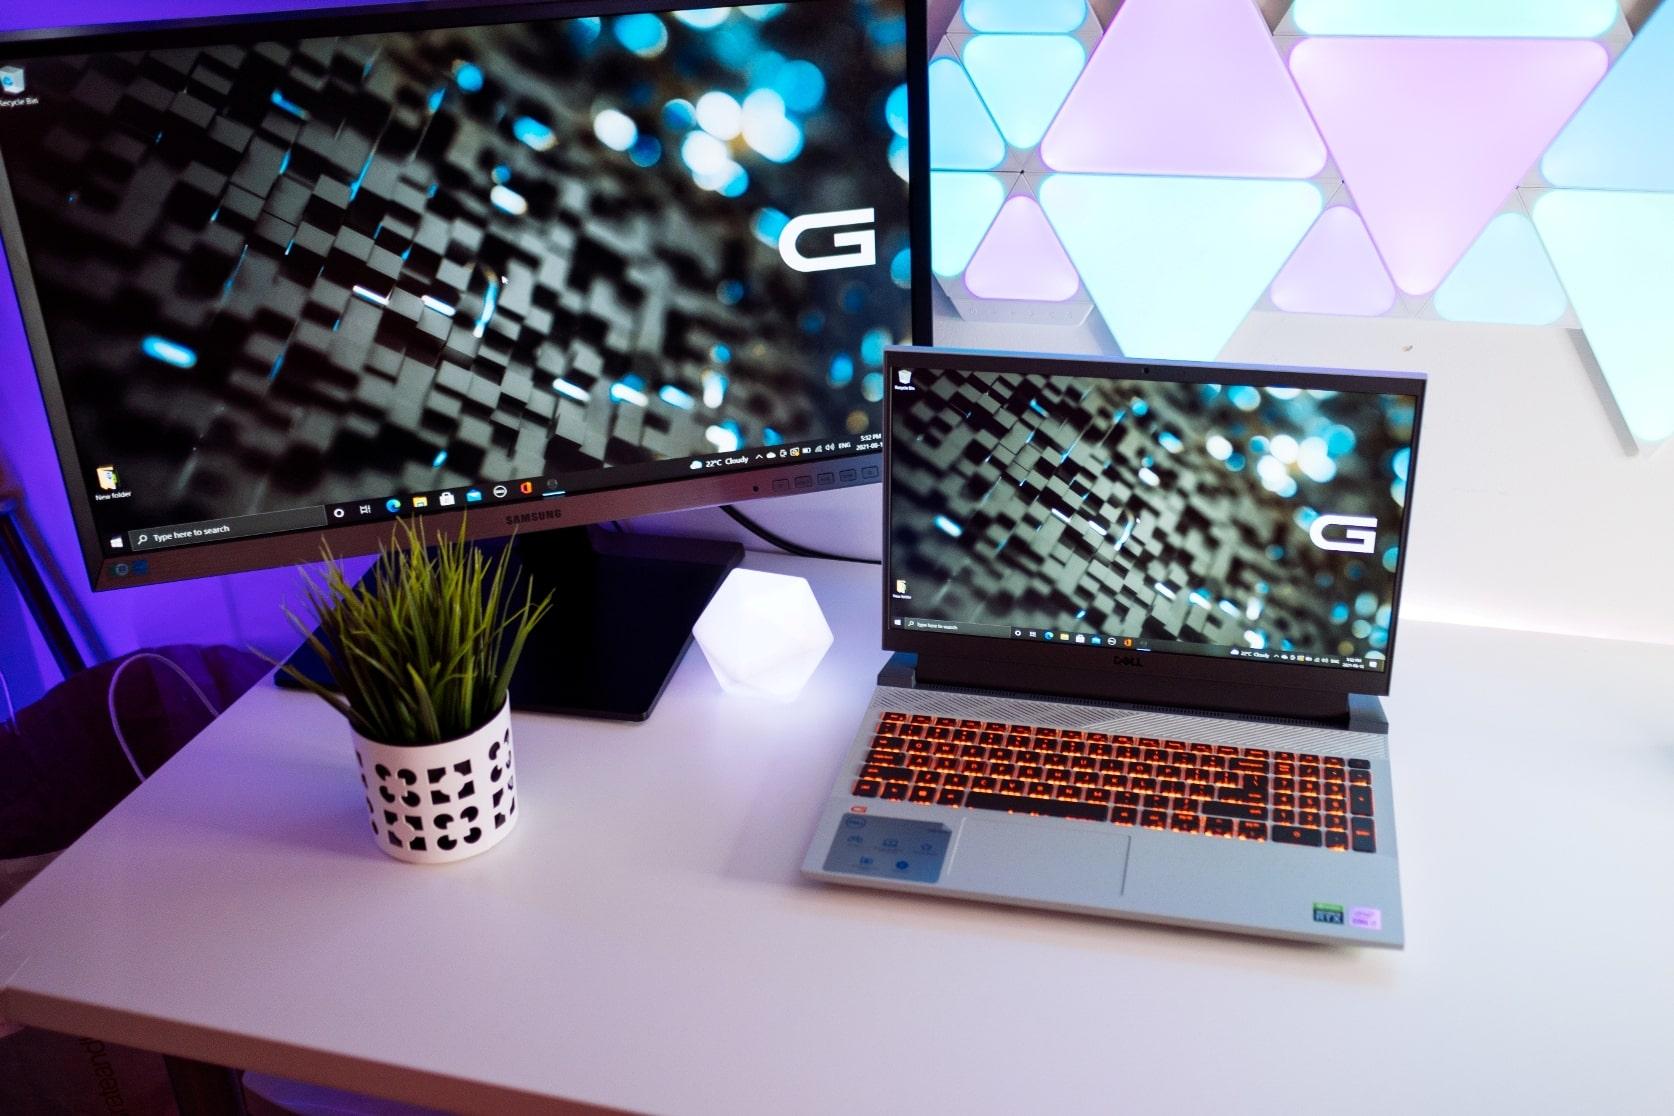 Dell G15 Desktop